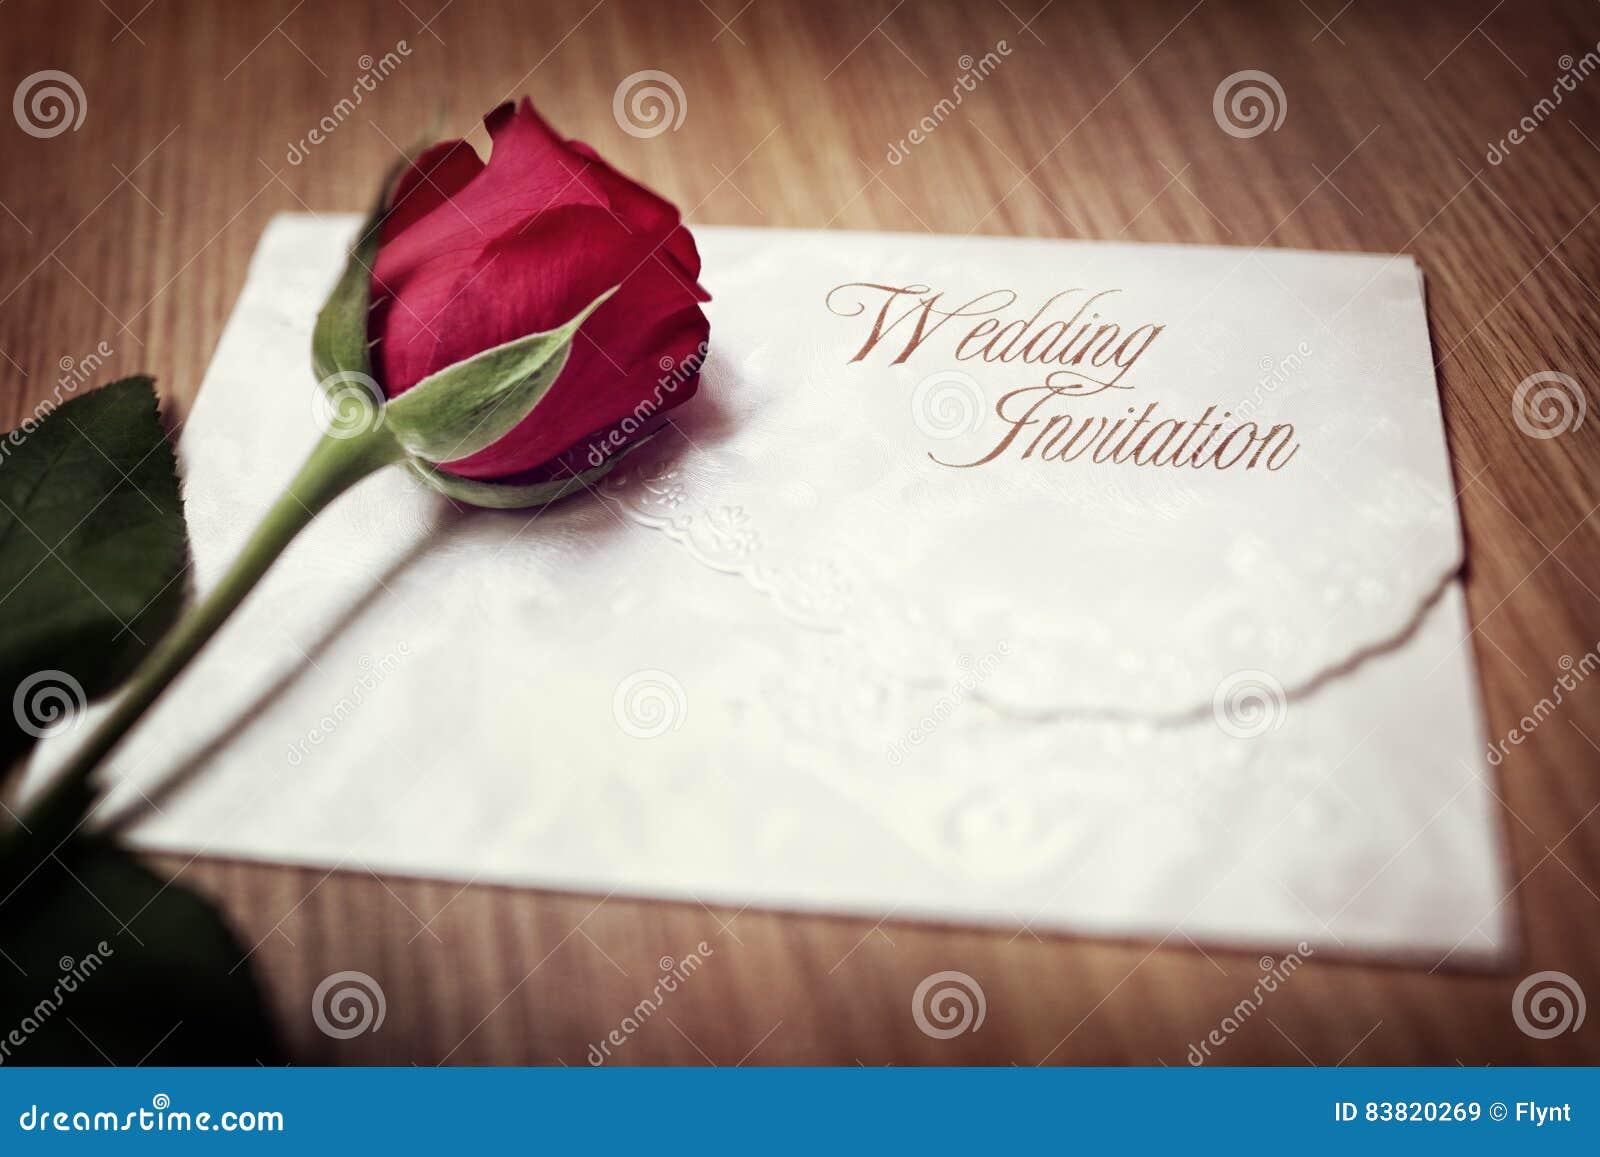 背景高雅重点邀请浪漫符号温暖的婚礼